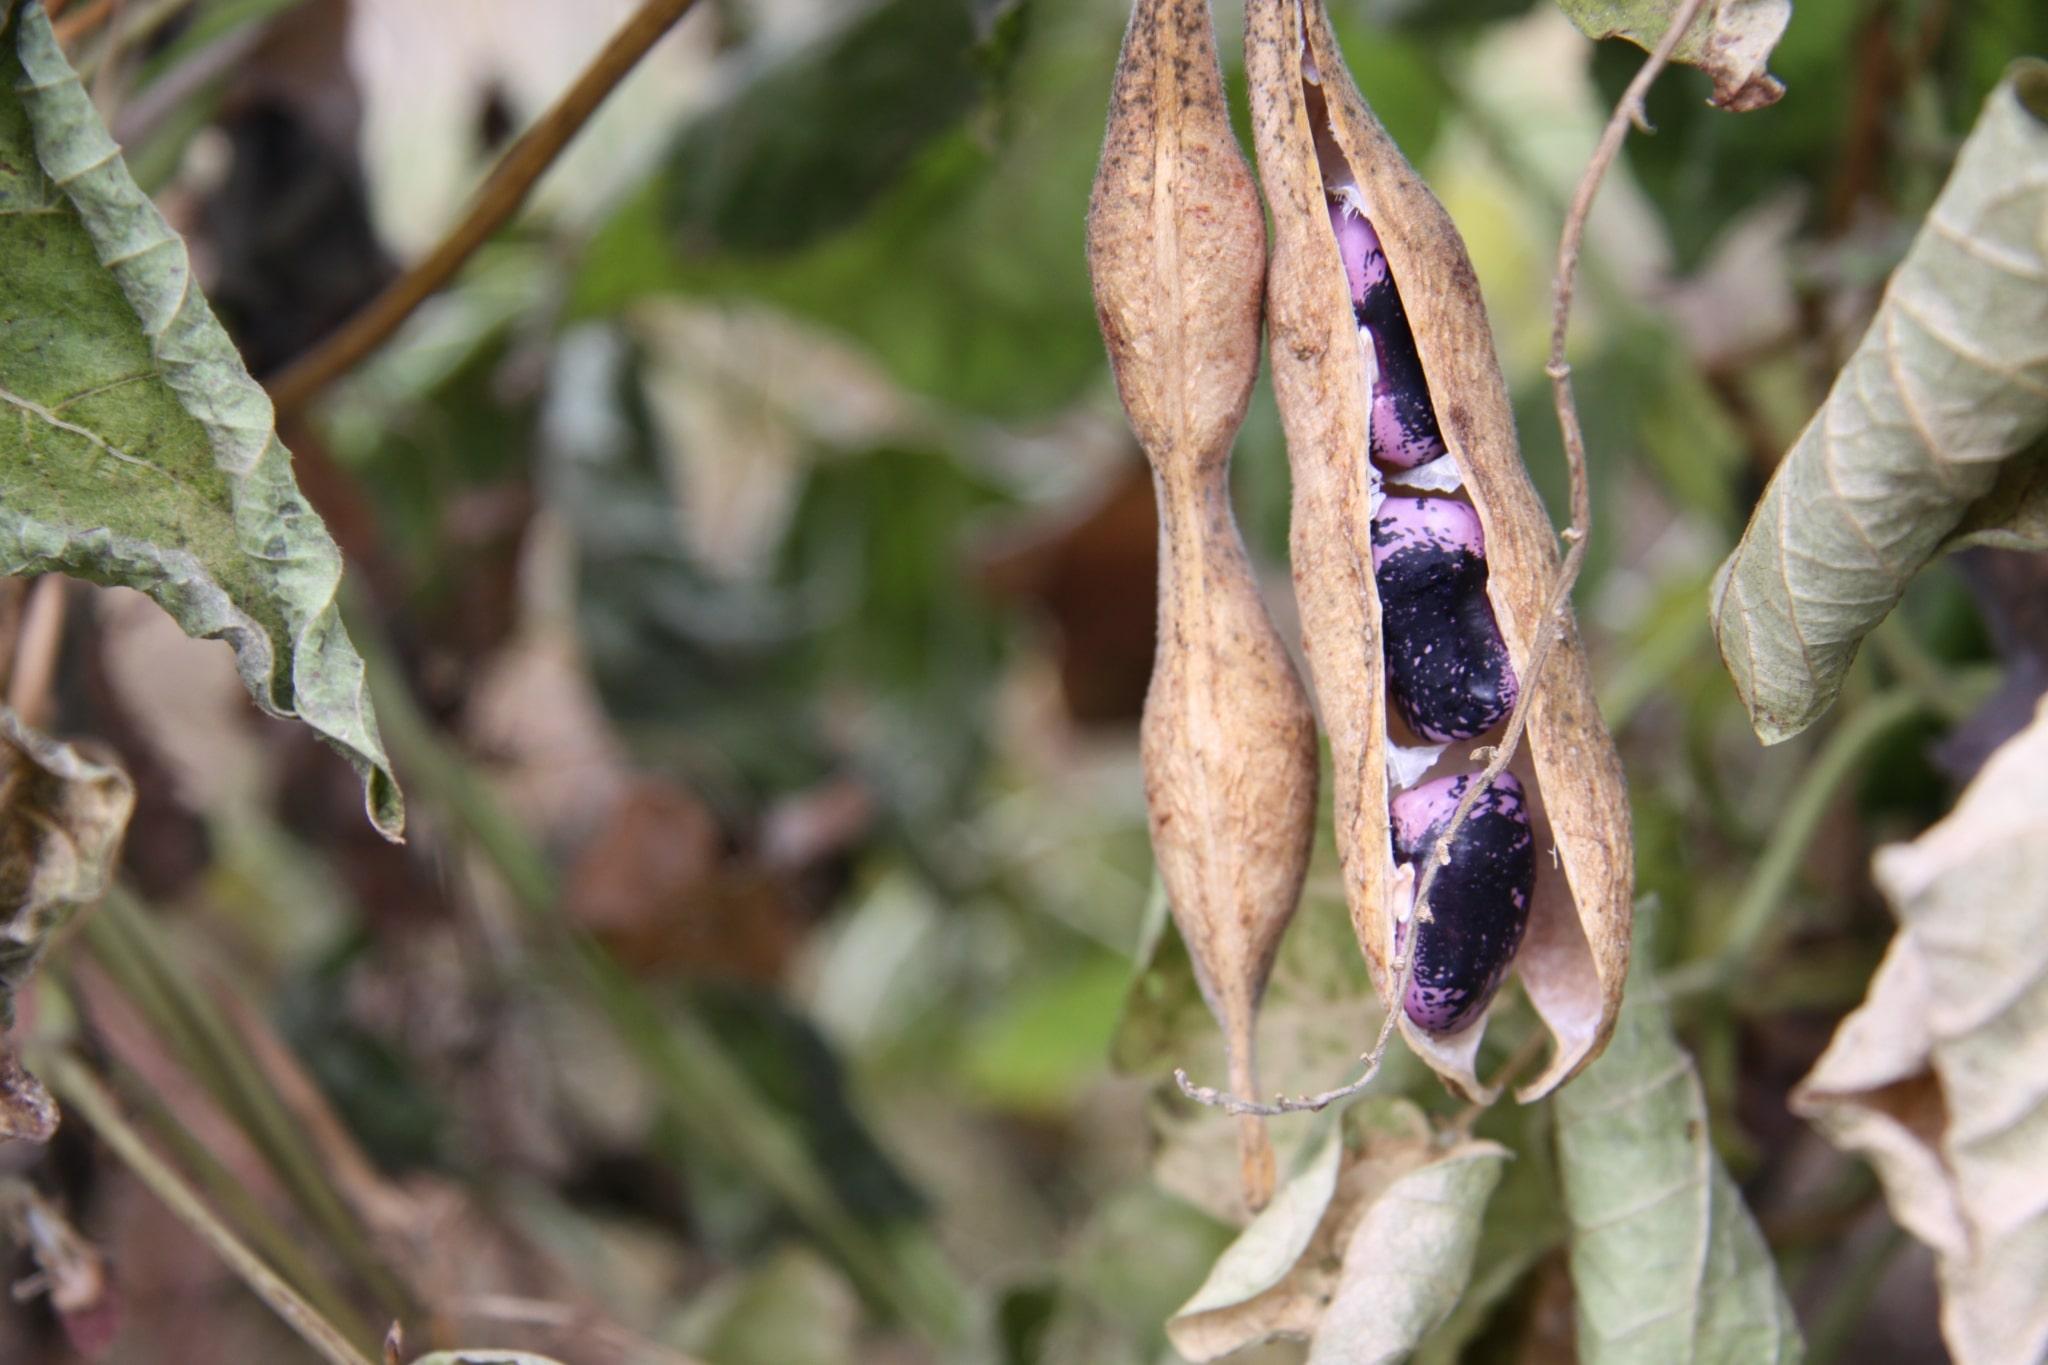 Käferbohne in der Hülse